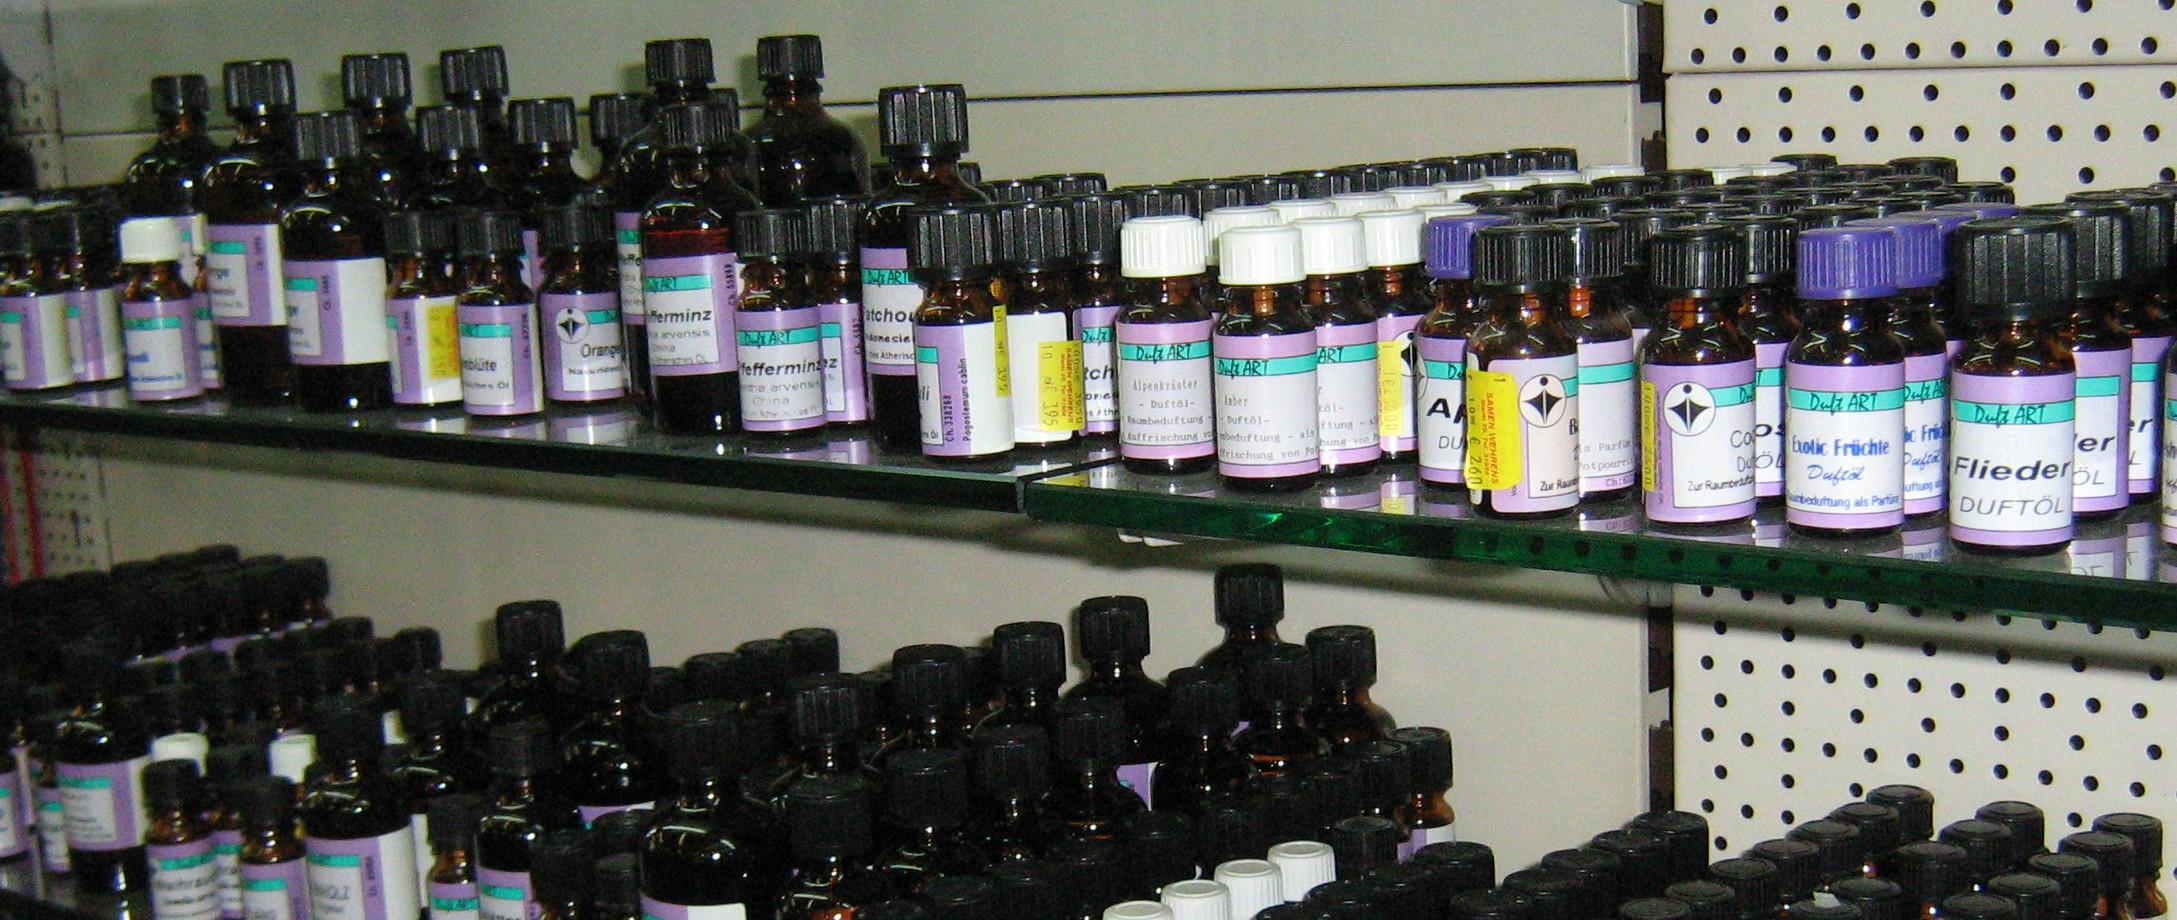 Ätherische Öle bei Samen Wehrens